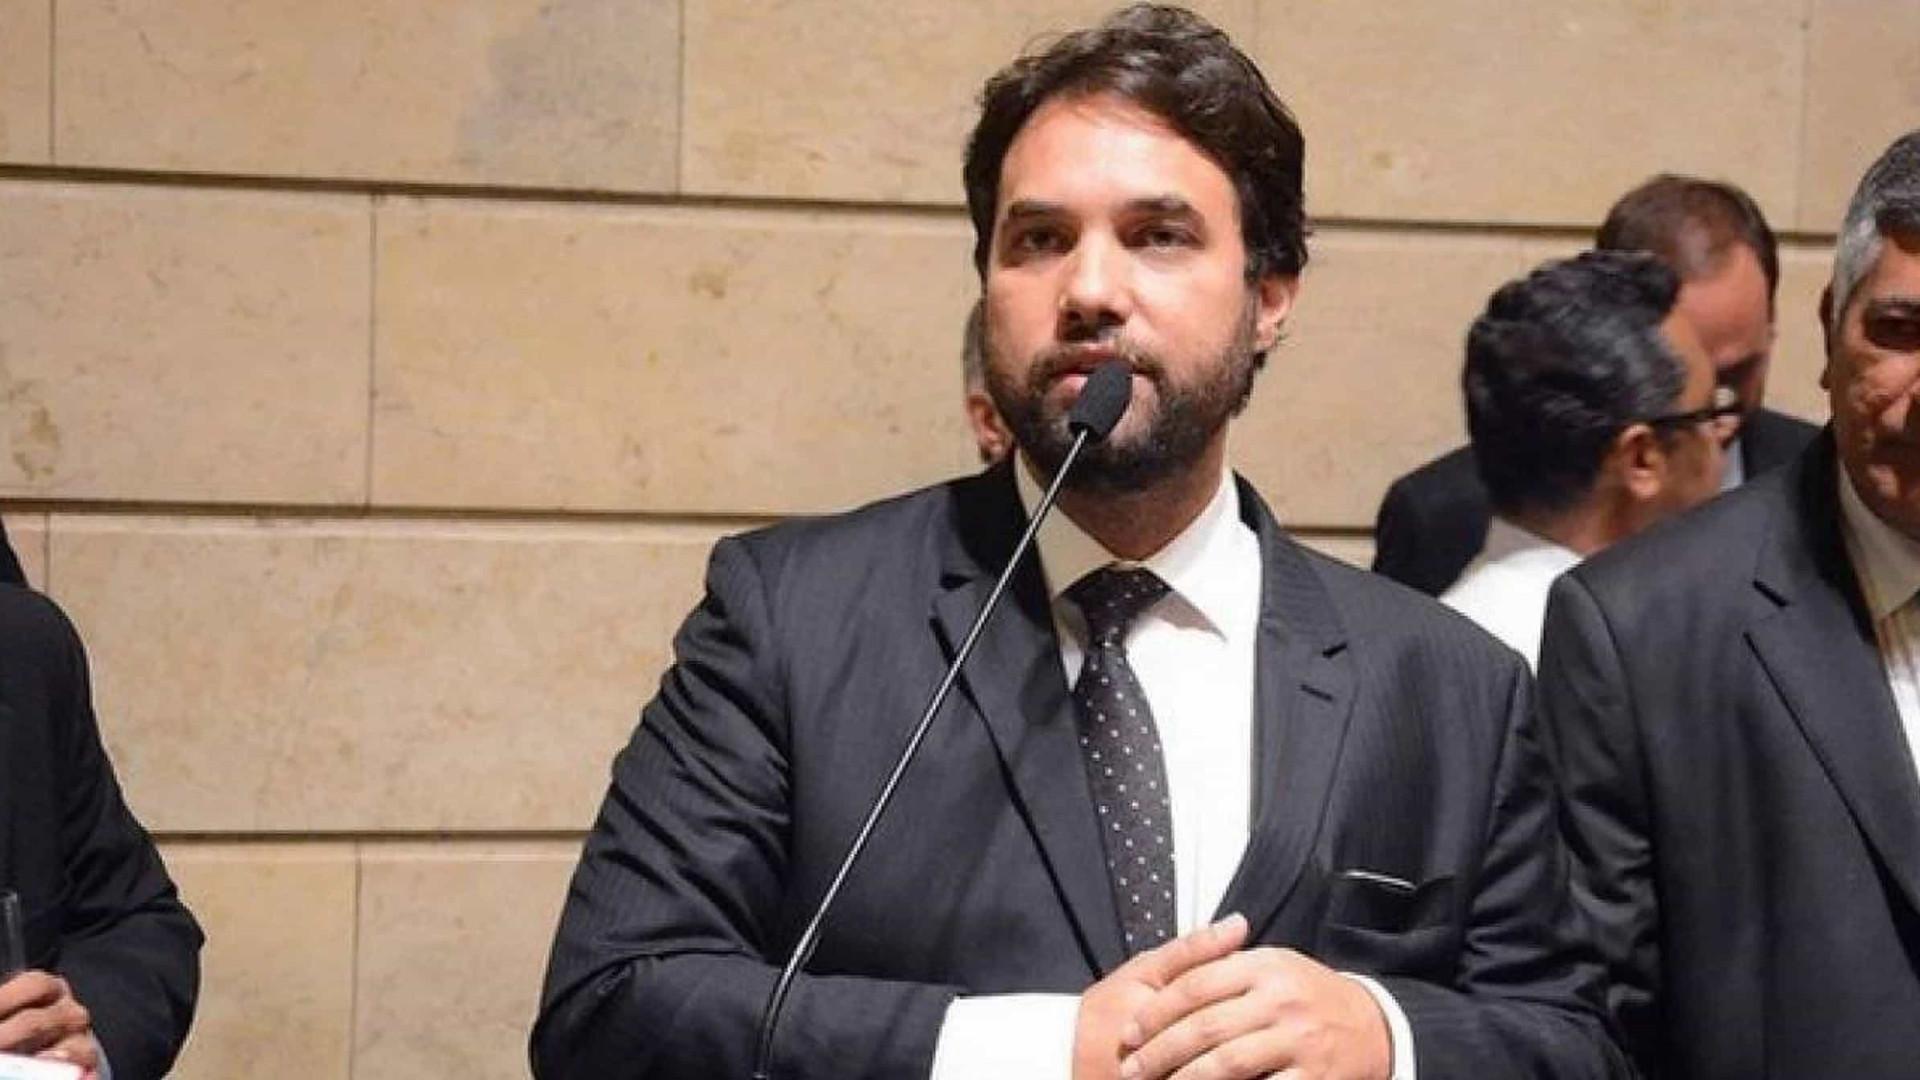 Com reduto político em Bangu, Dr. Jairinho foi o 16º vereador mais votado do Rio